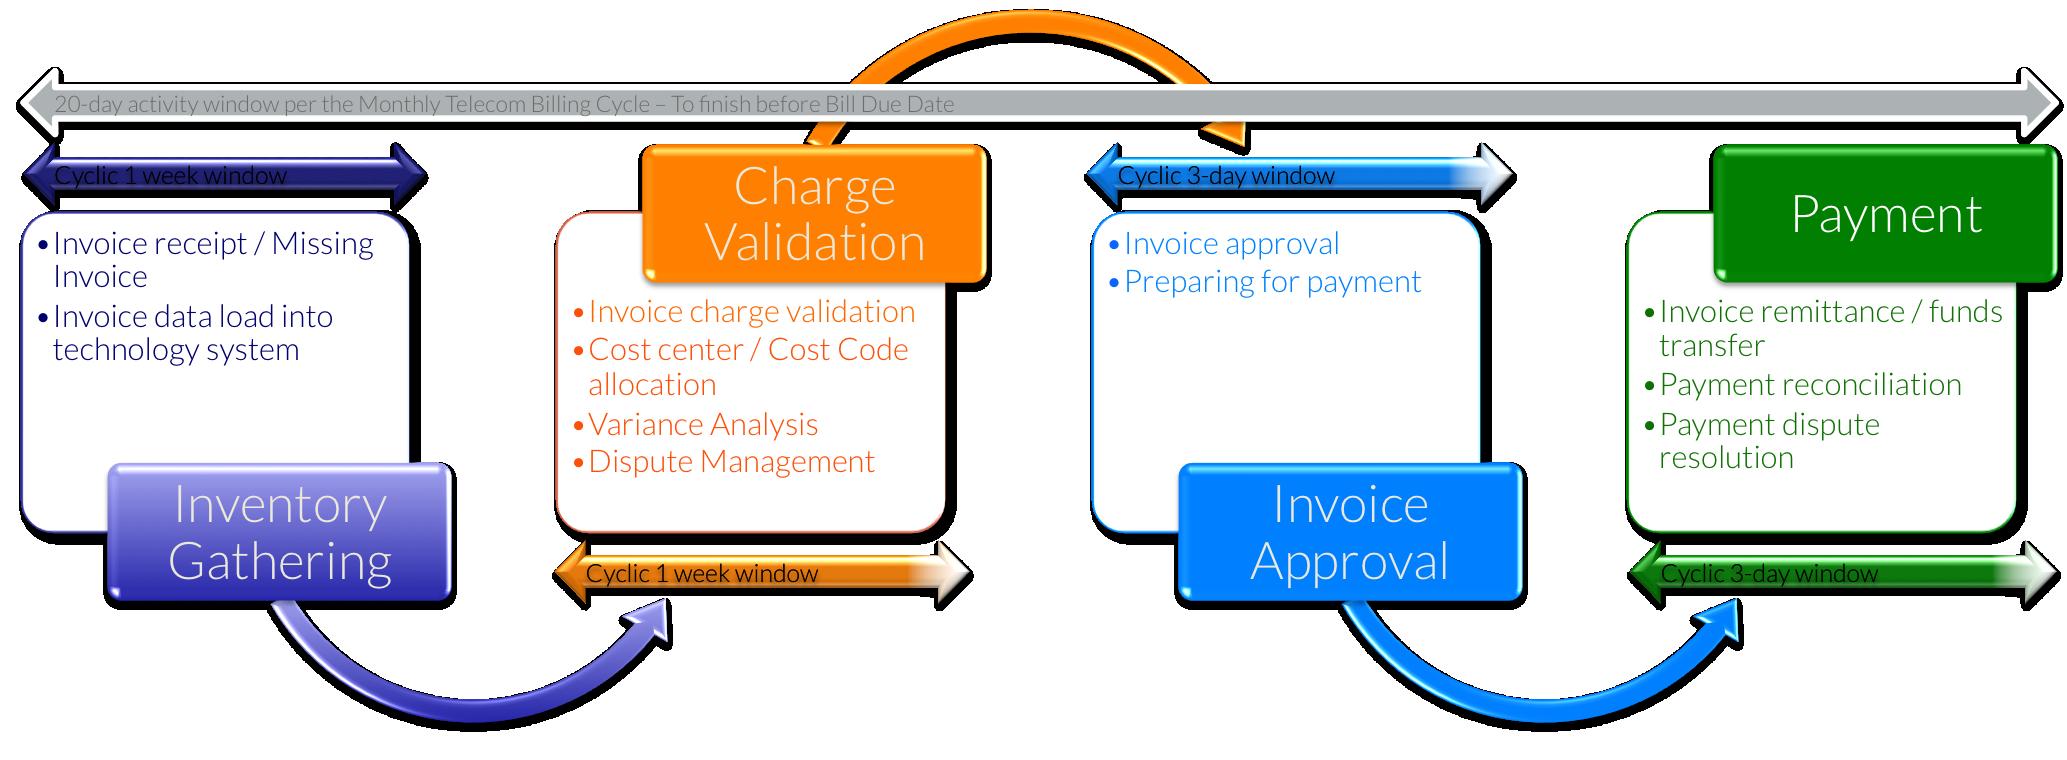 Telecom Invoice Processing